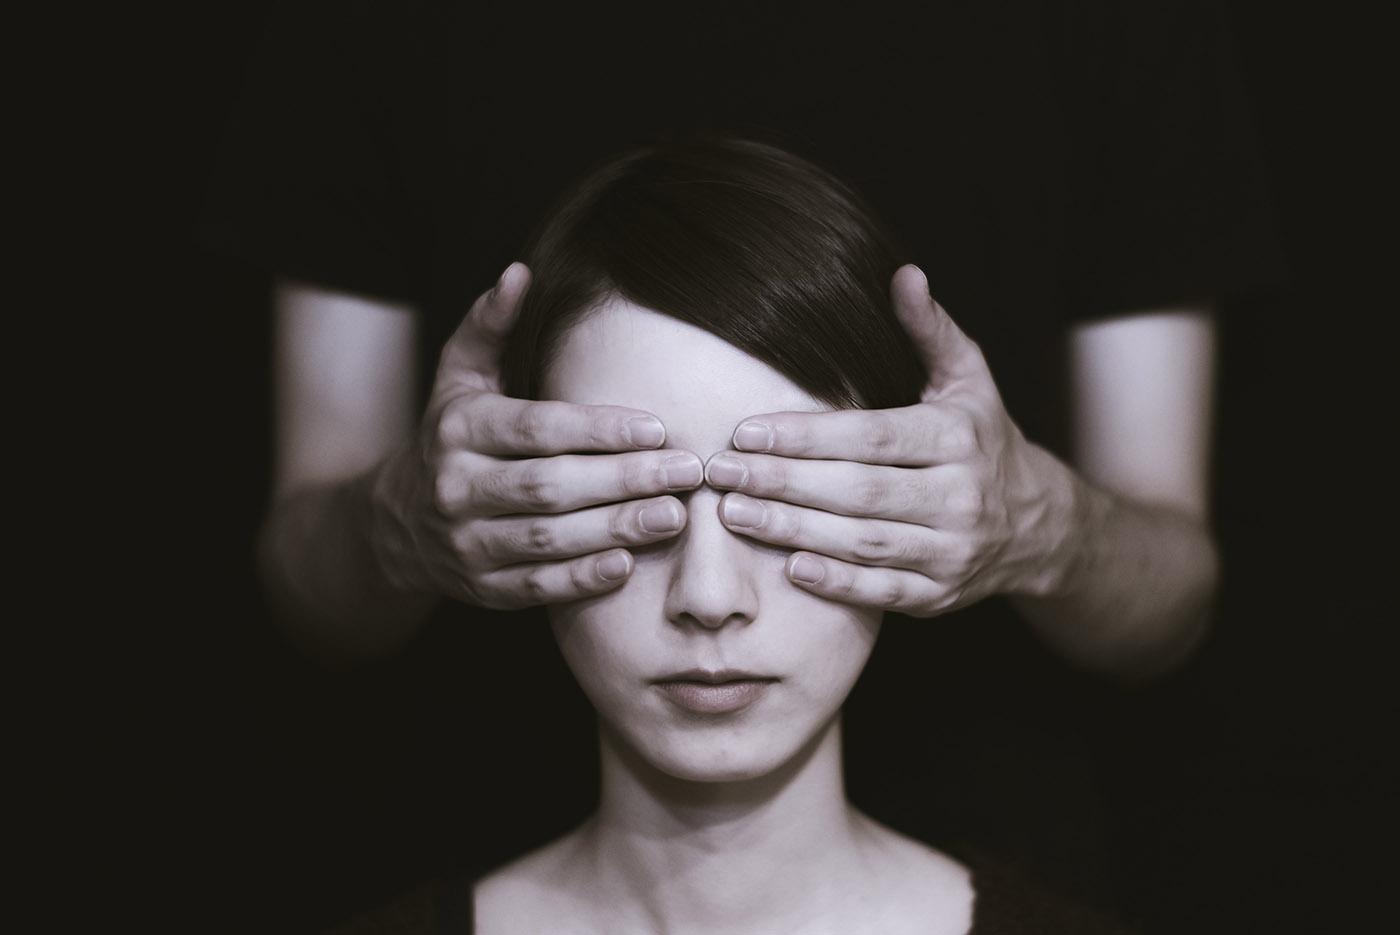 a látásvesztés vizsgálata amikor egy személy elveszíti látását